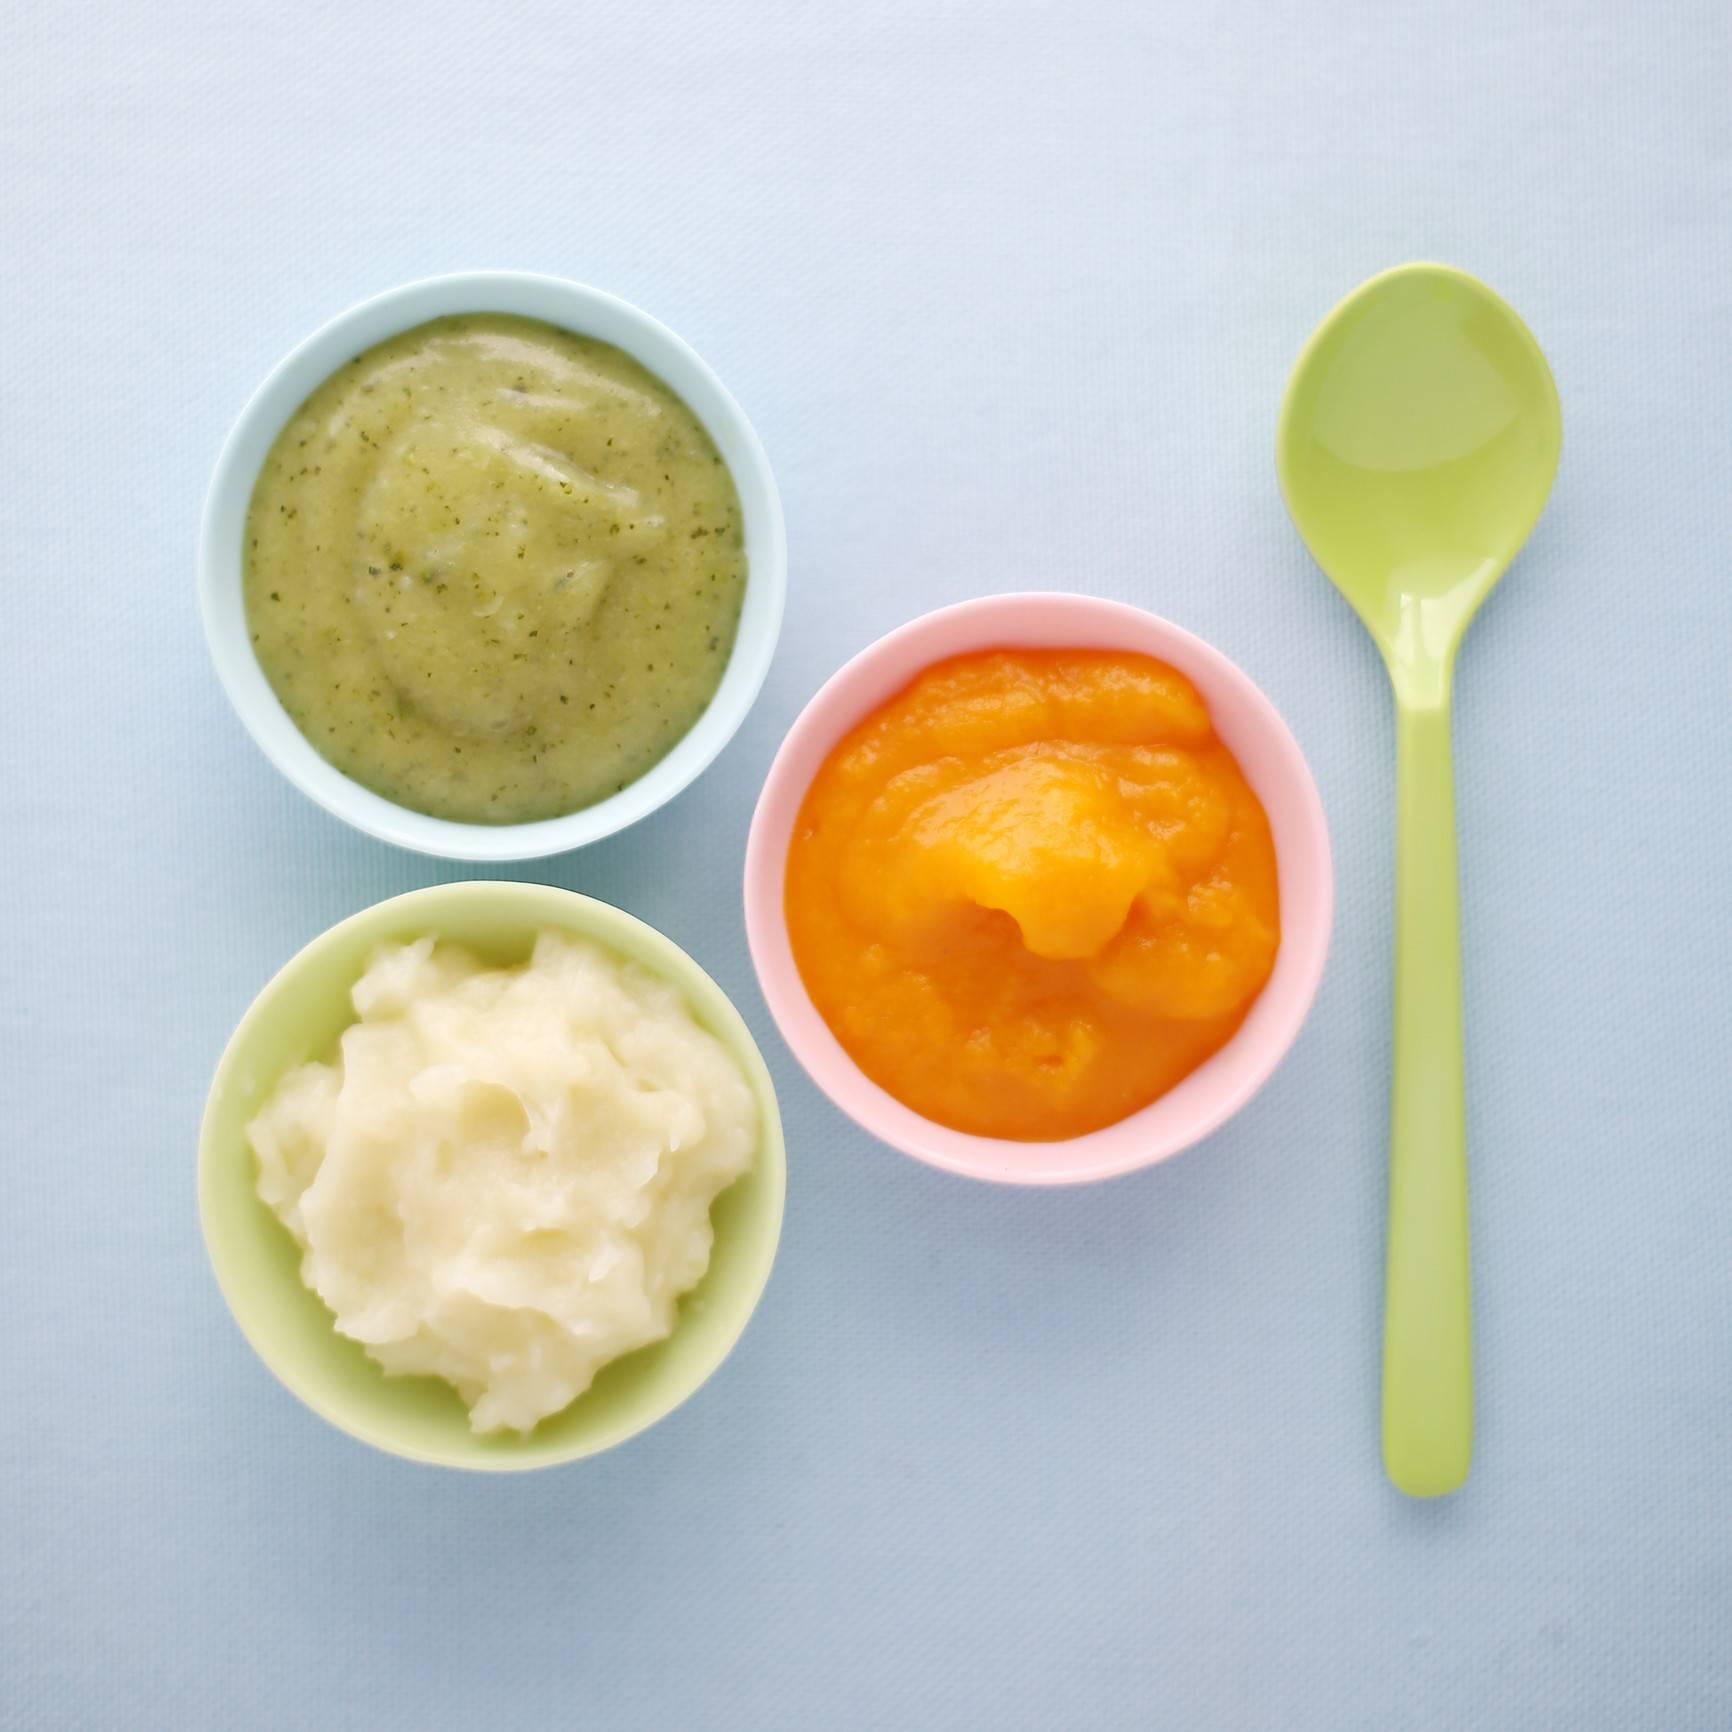 Пюре для грудничка на зиму: как приготовить своими руками, рецепты